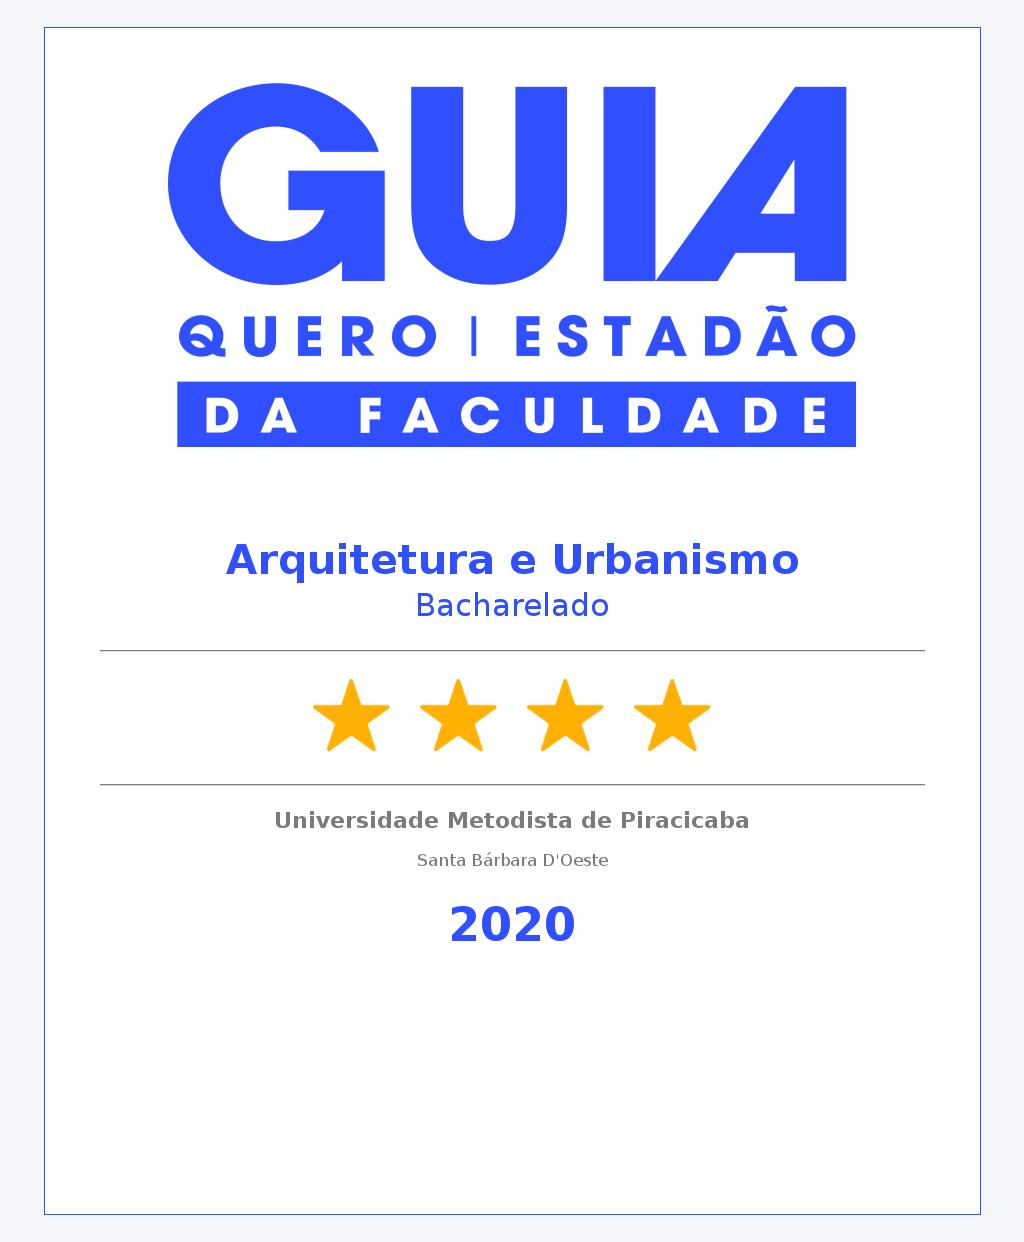 arquitetura e urbanismo.png